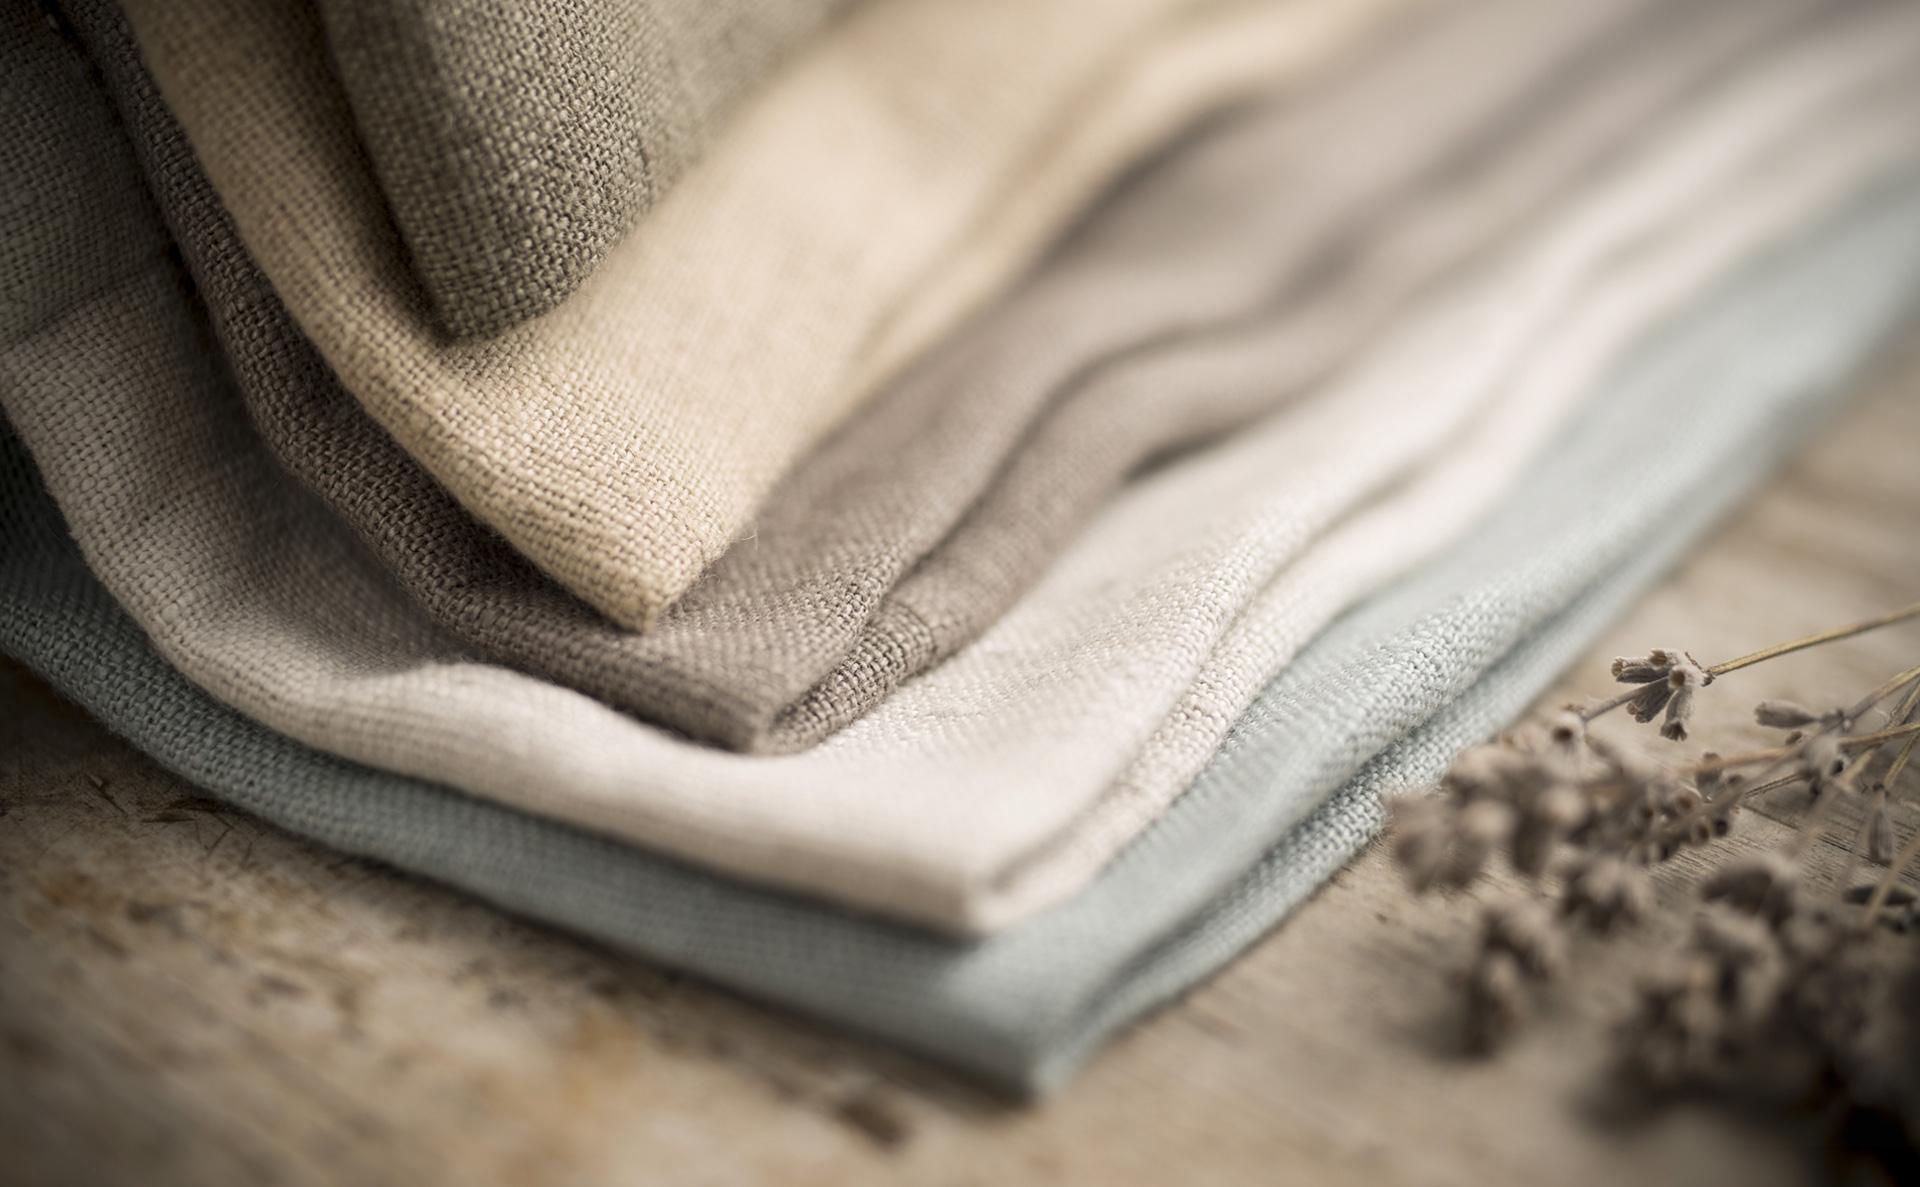 Tên các loại vải trong tiếng Anh